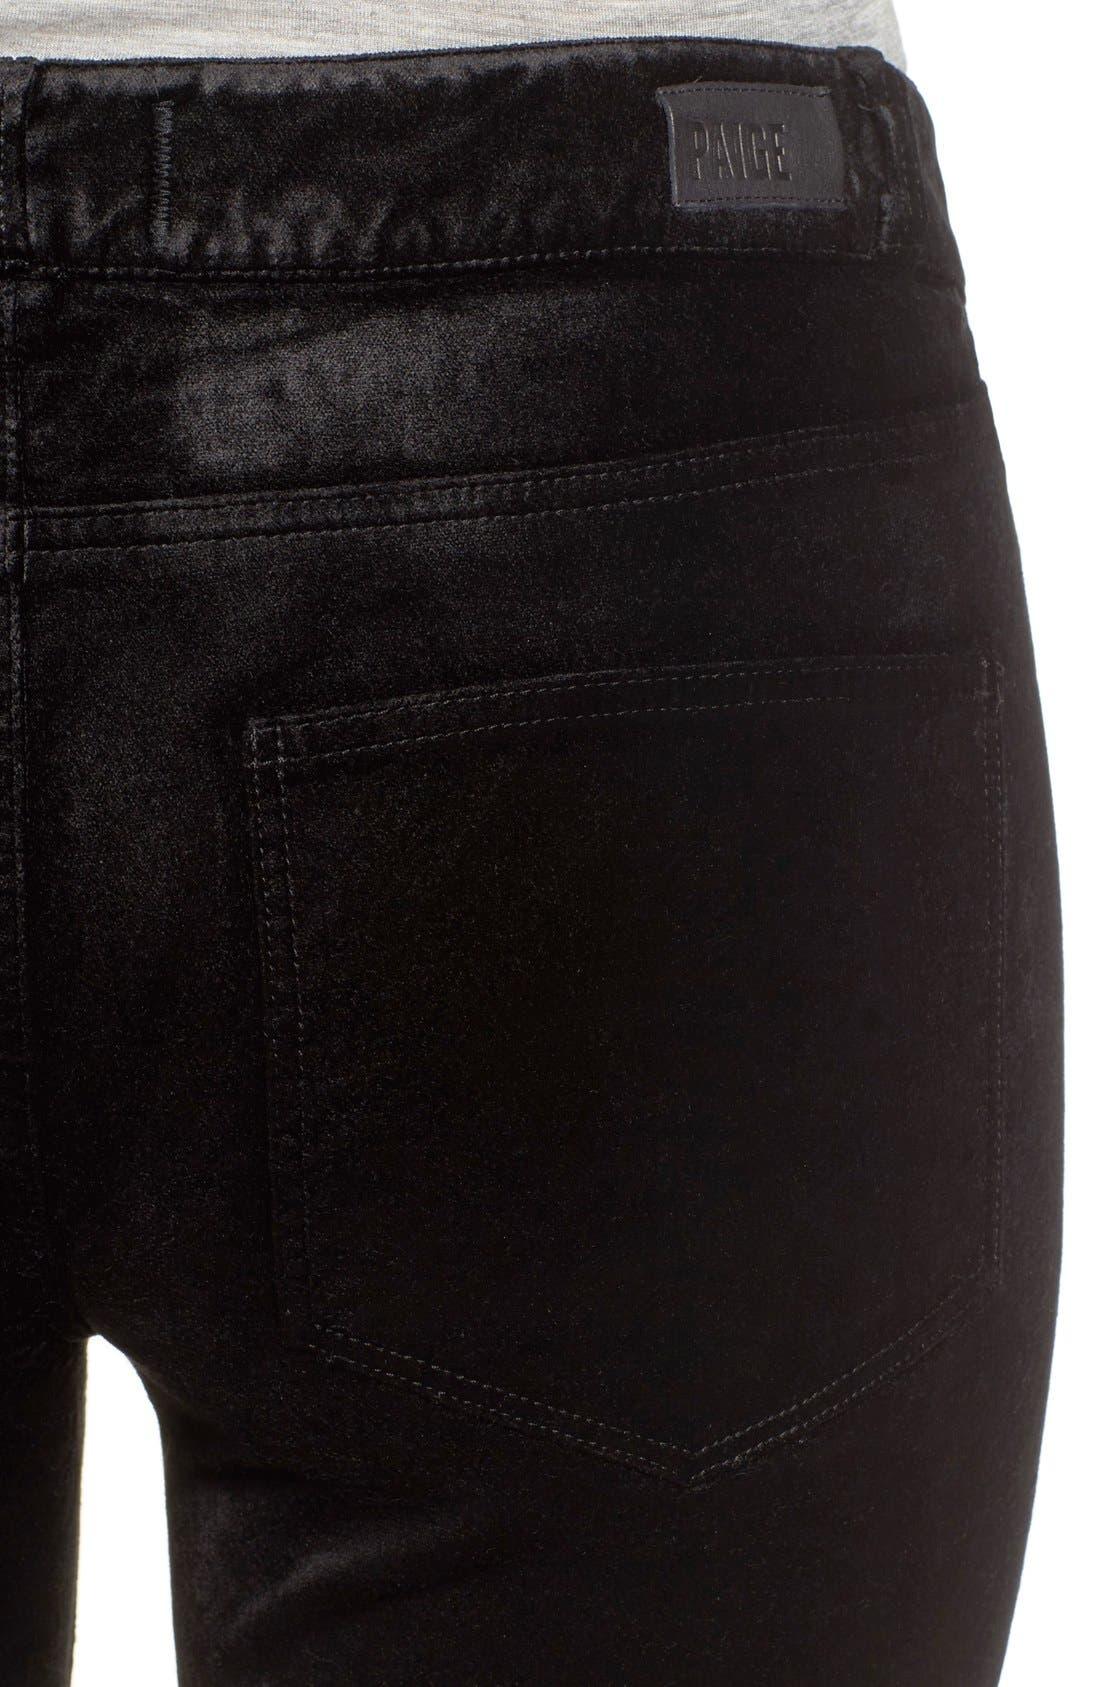 Verdugo Ultra Skinny Velvet Pants,                             Alternate thumbnail 7, color,                             001